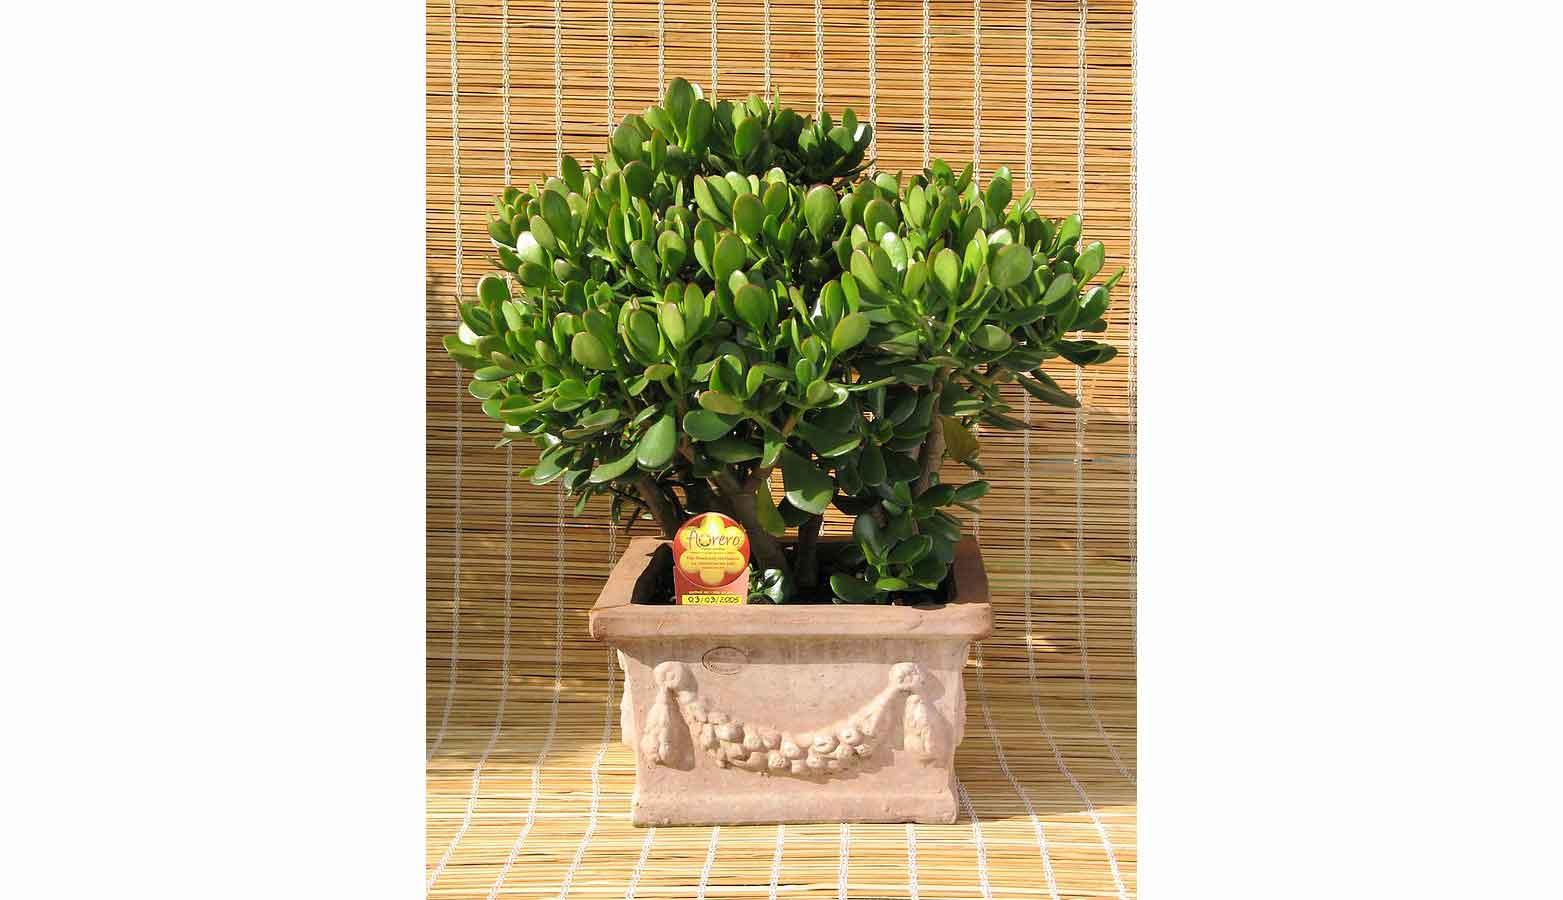 Krasula, biljka koja donosi novac By Arch. Attilio Mileto - attilio.mileto@florero.net - Own work, CC BY-SA 3.0, https://commons.wikimedia.org/w/index.php?curid=2823557